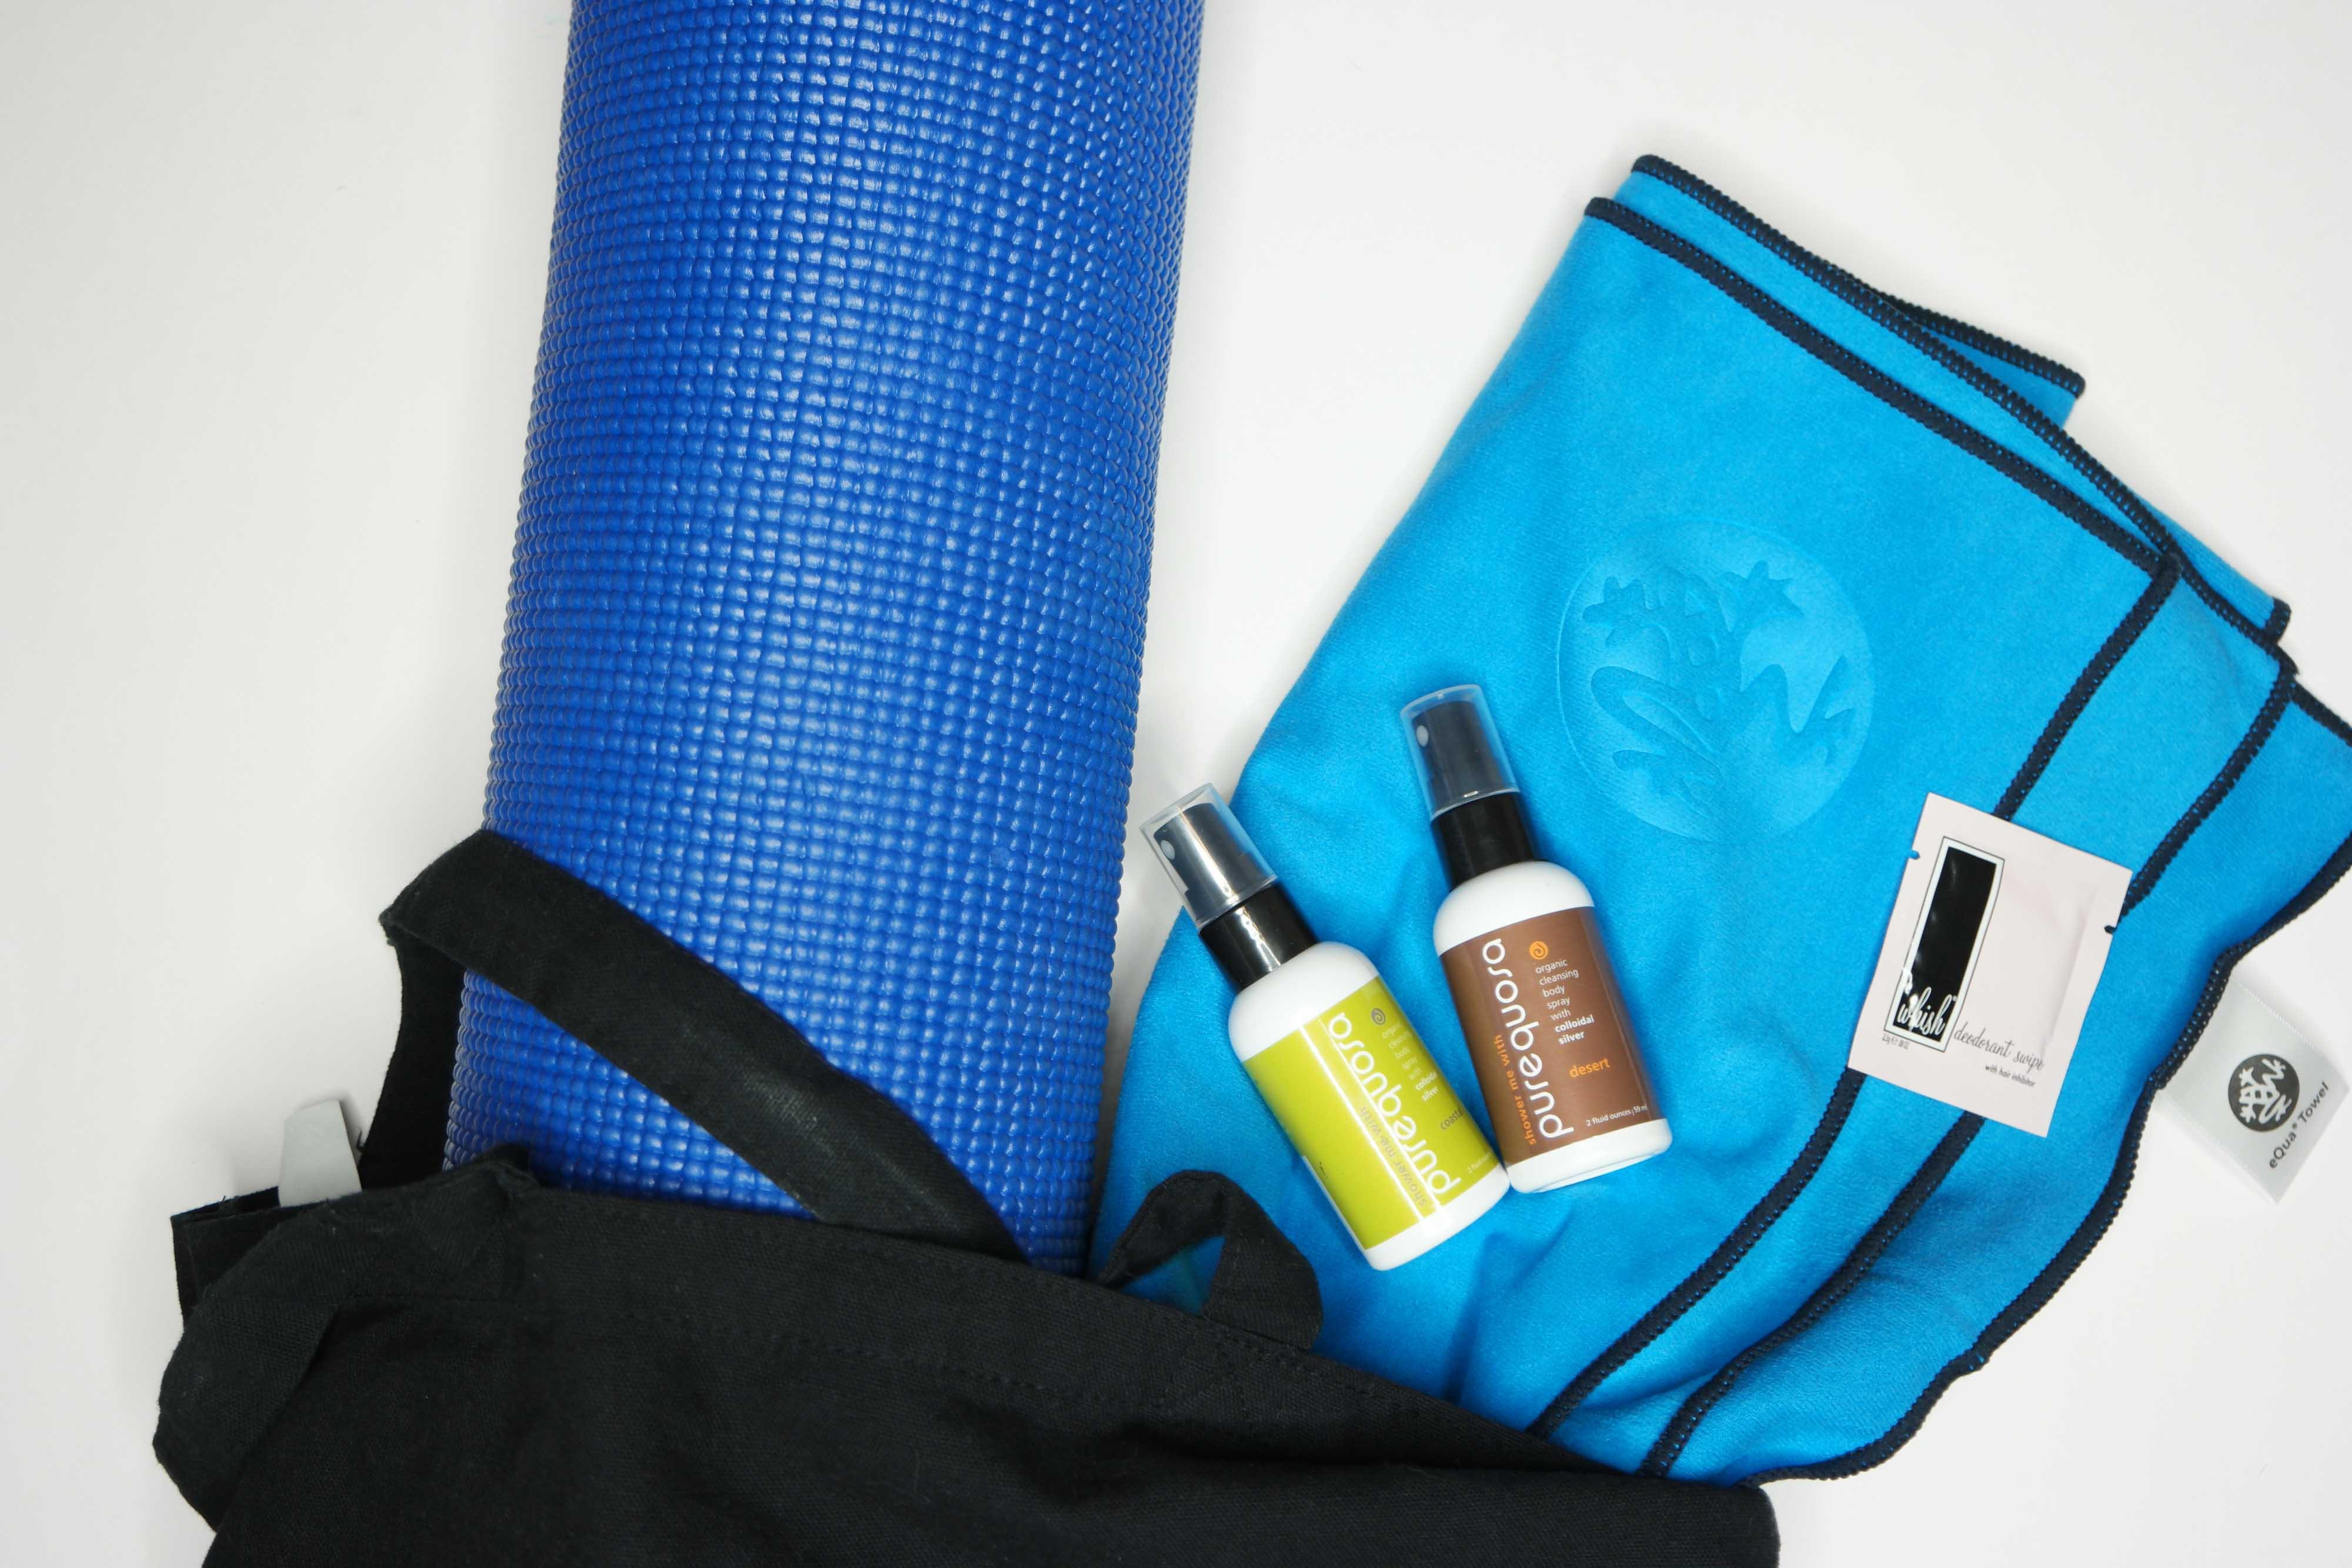 Yoga Bag Essentials I Love